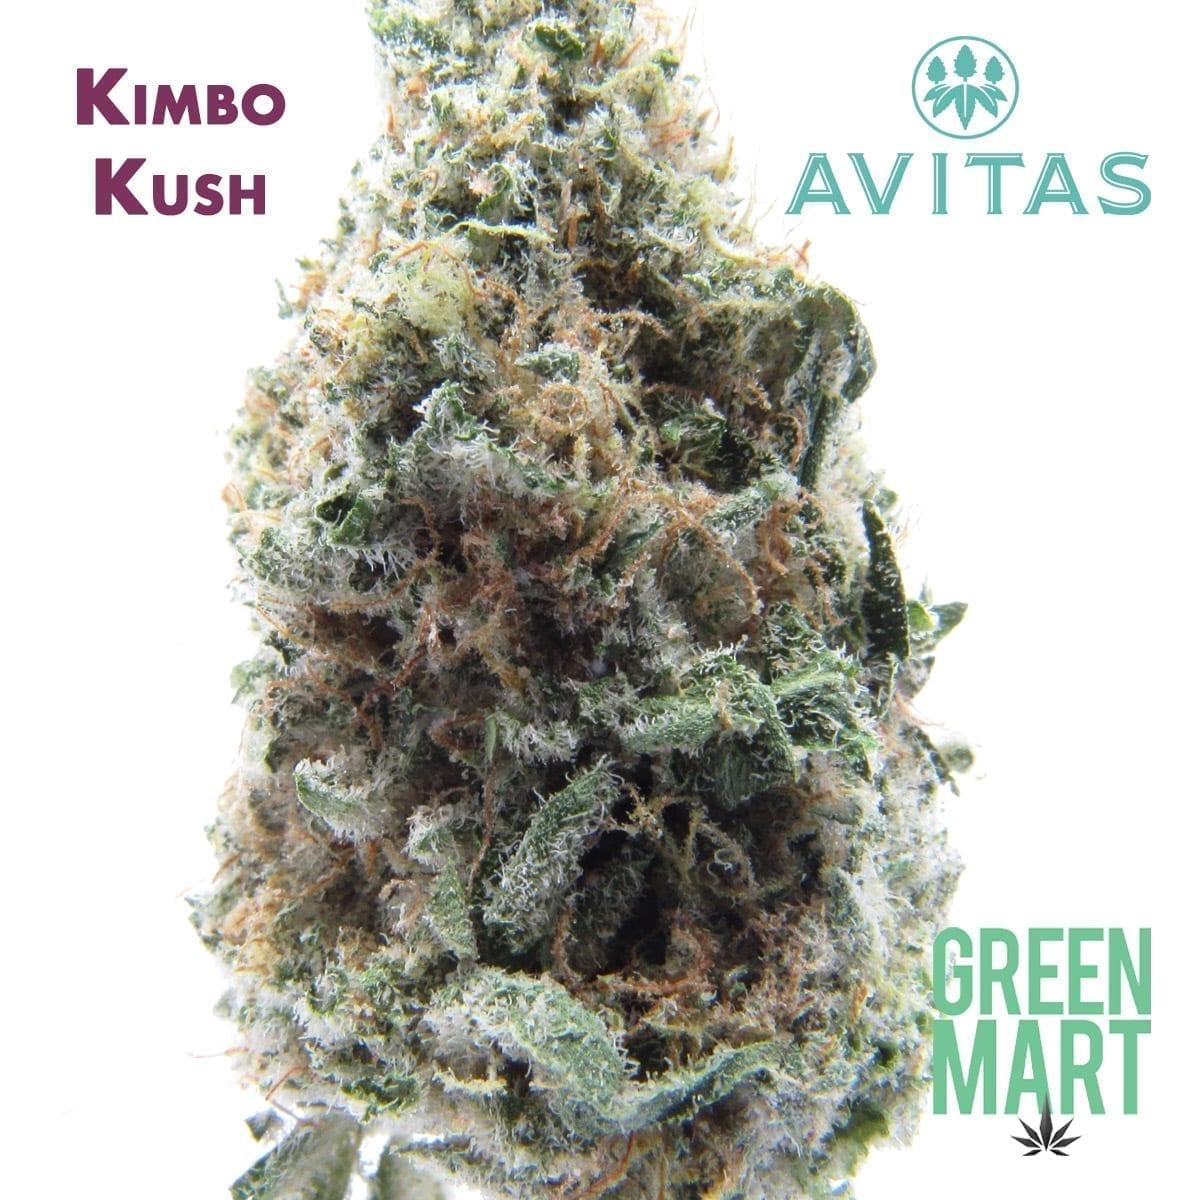 Kimbo Kush by Avitas